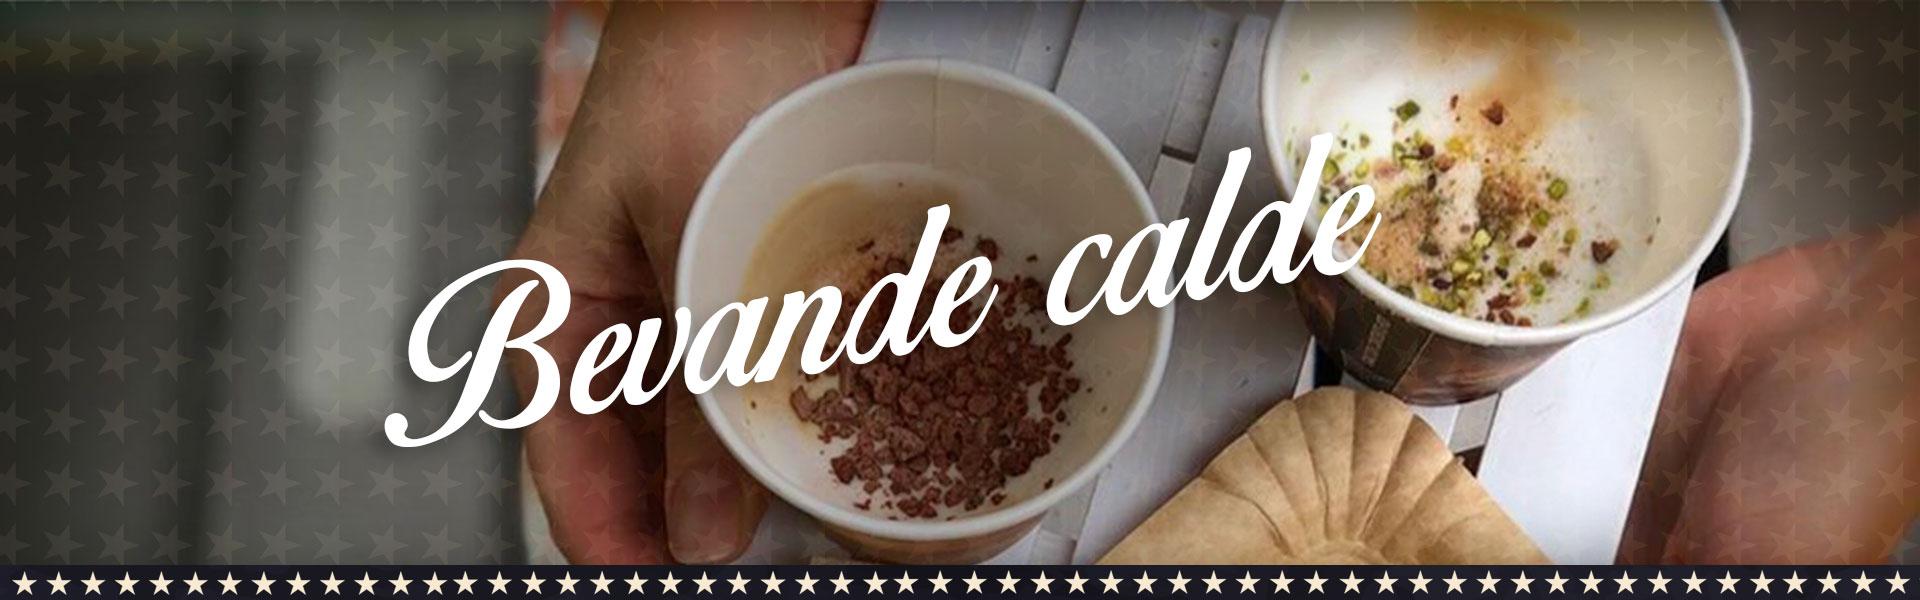 Header_bevande_calde